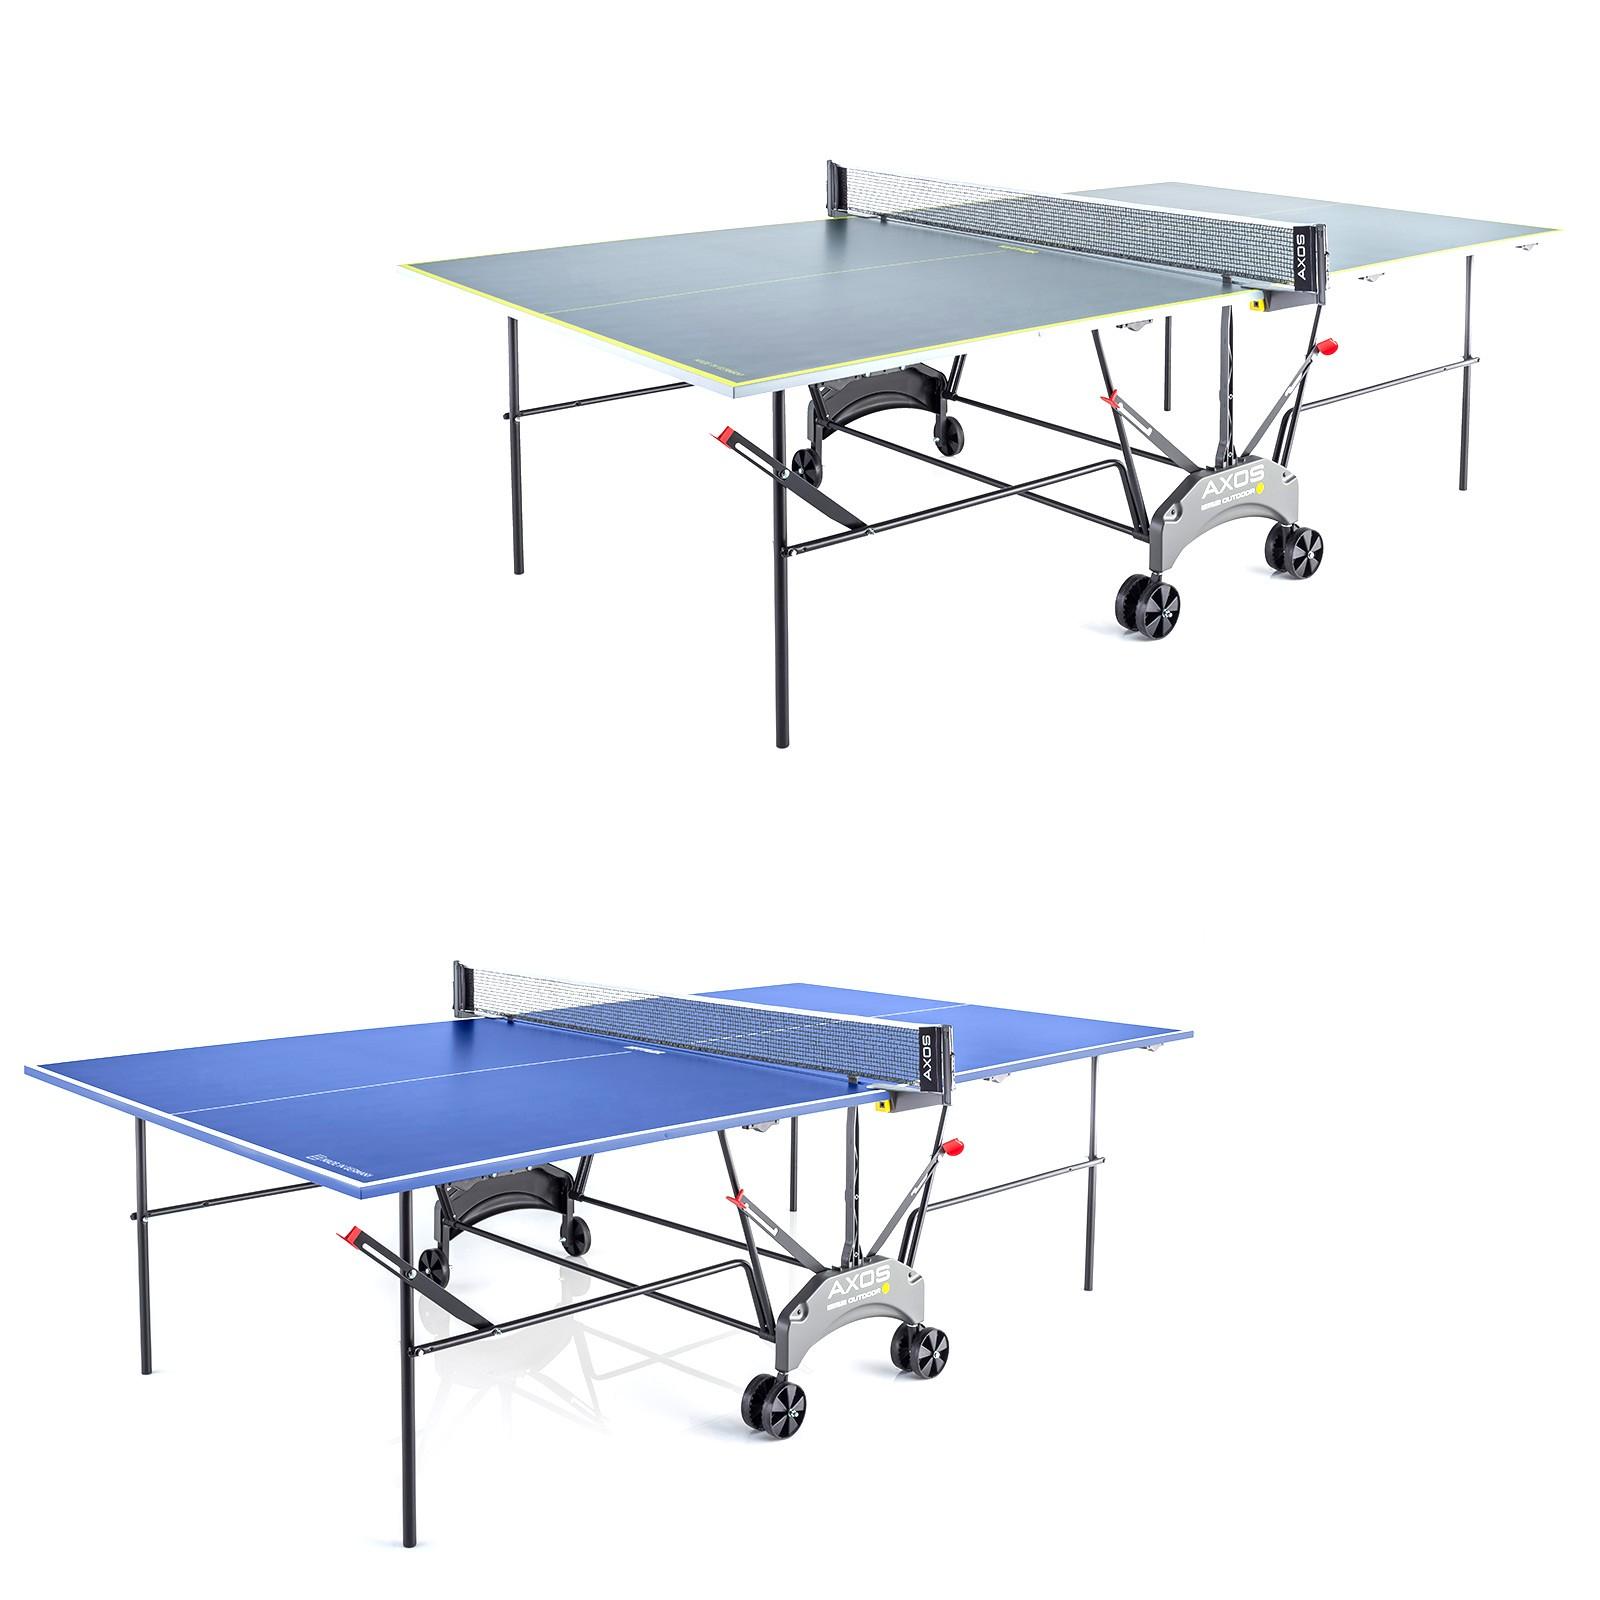 kettler tischtennisplatte axos 1 outdoor kaufen mit 74. Black Bedroom Furniture Sets. Home Design Ideas